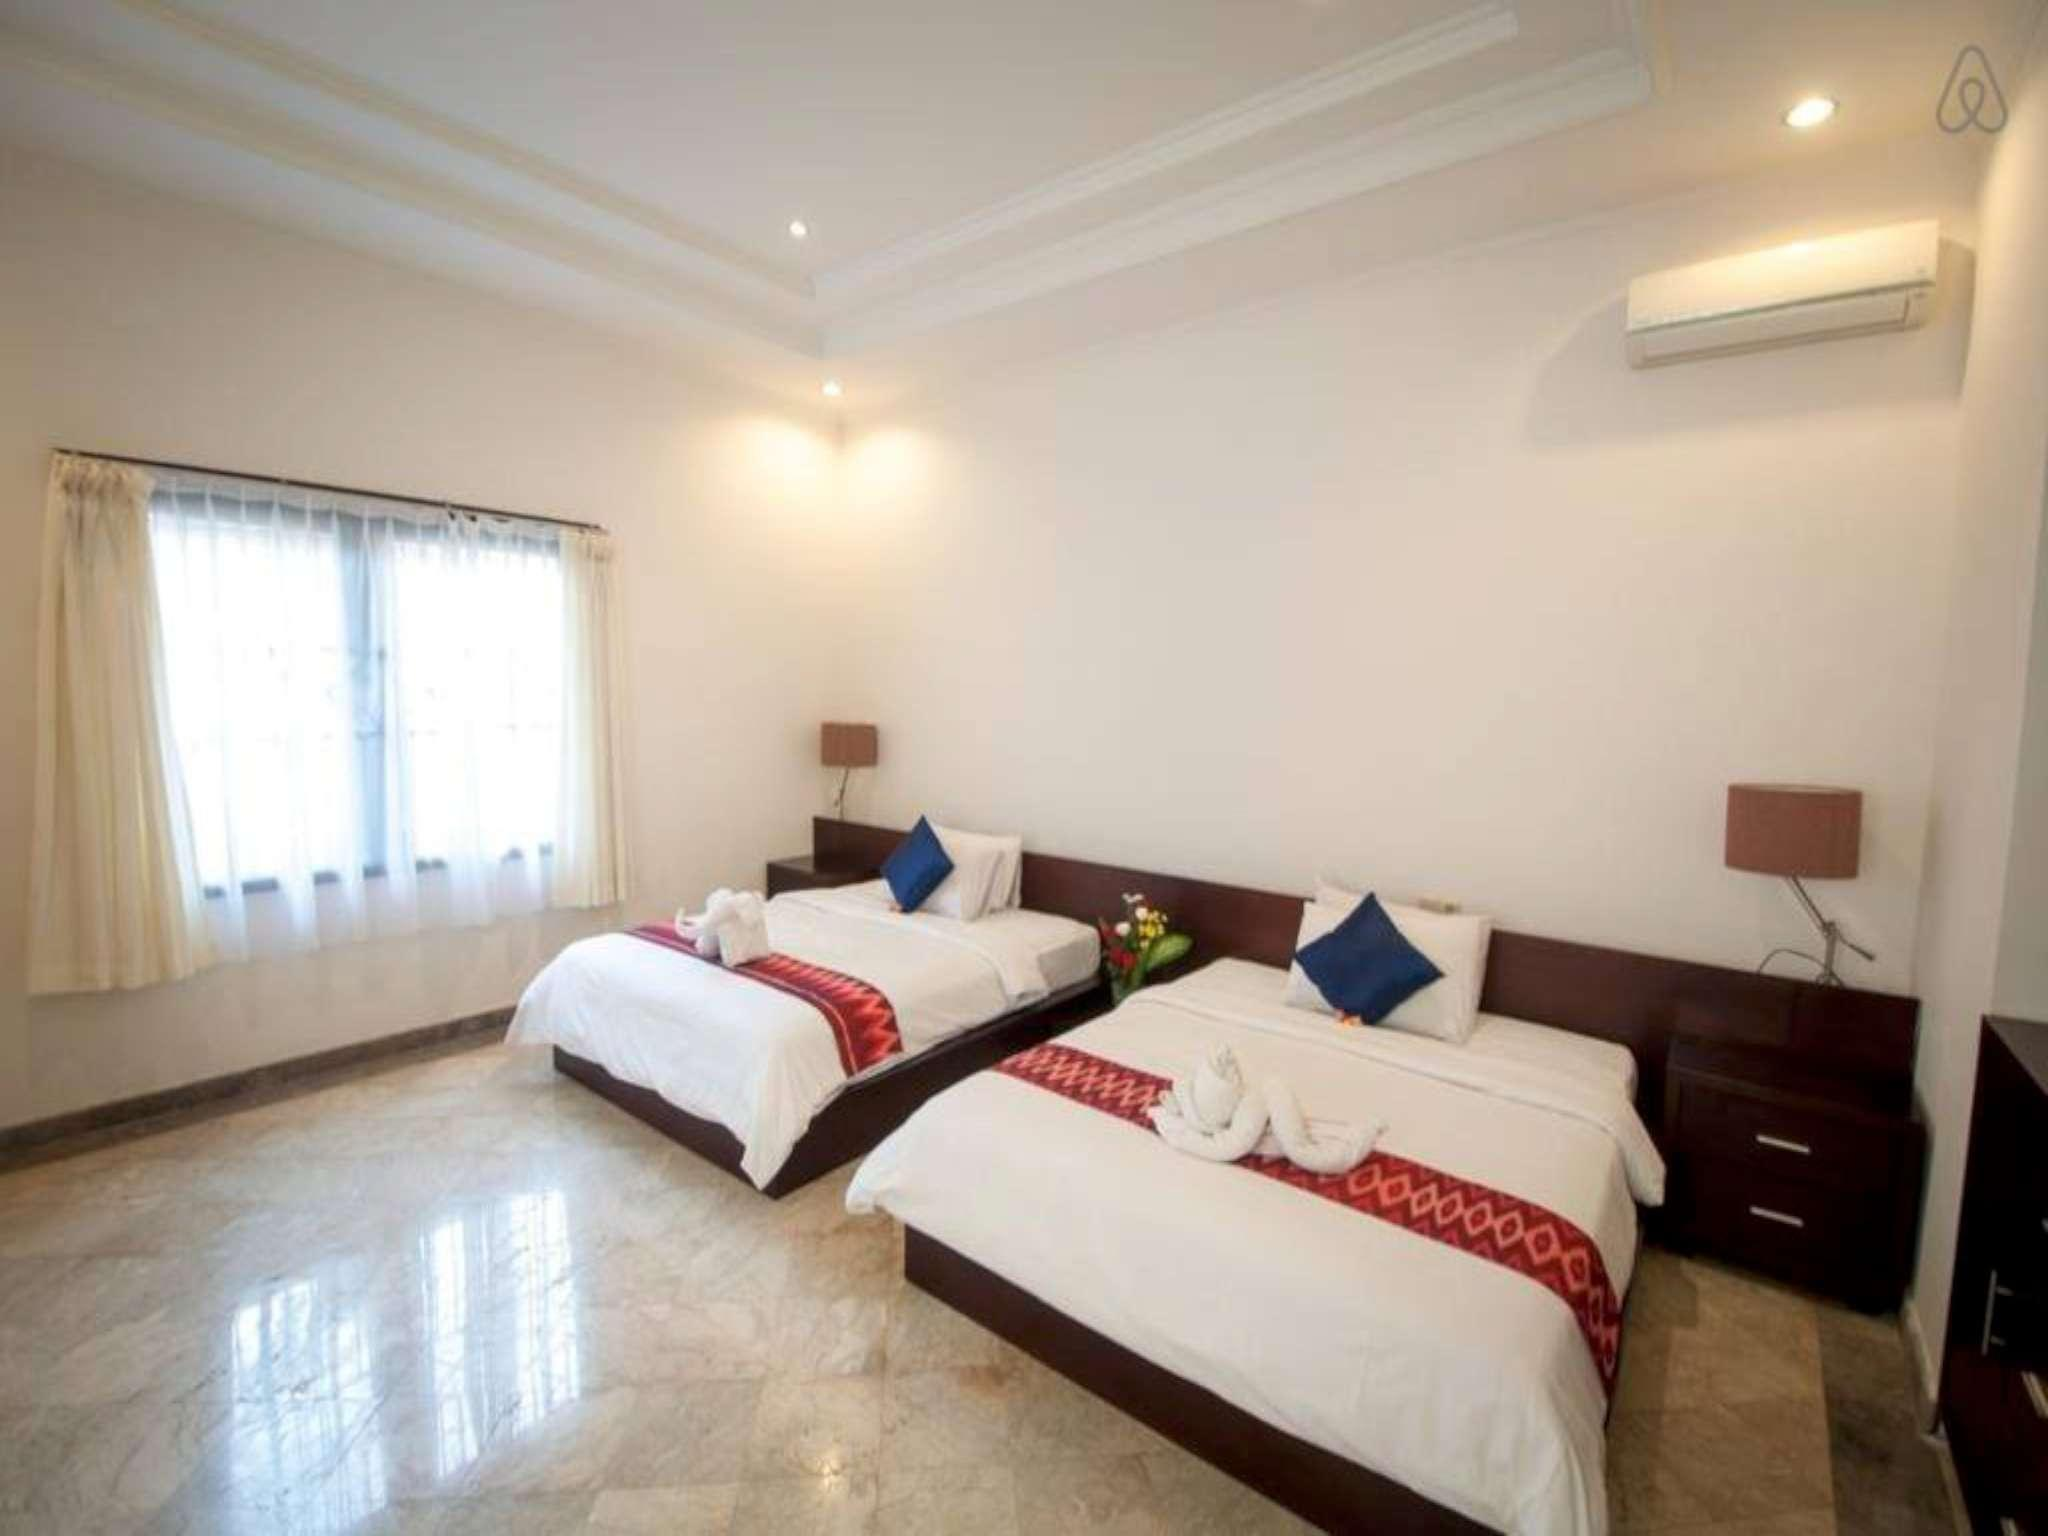 2 Bedroom Villa Green kori in Umalas